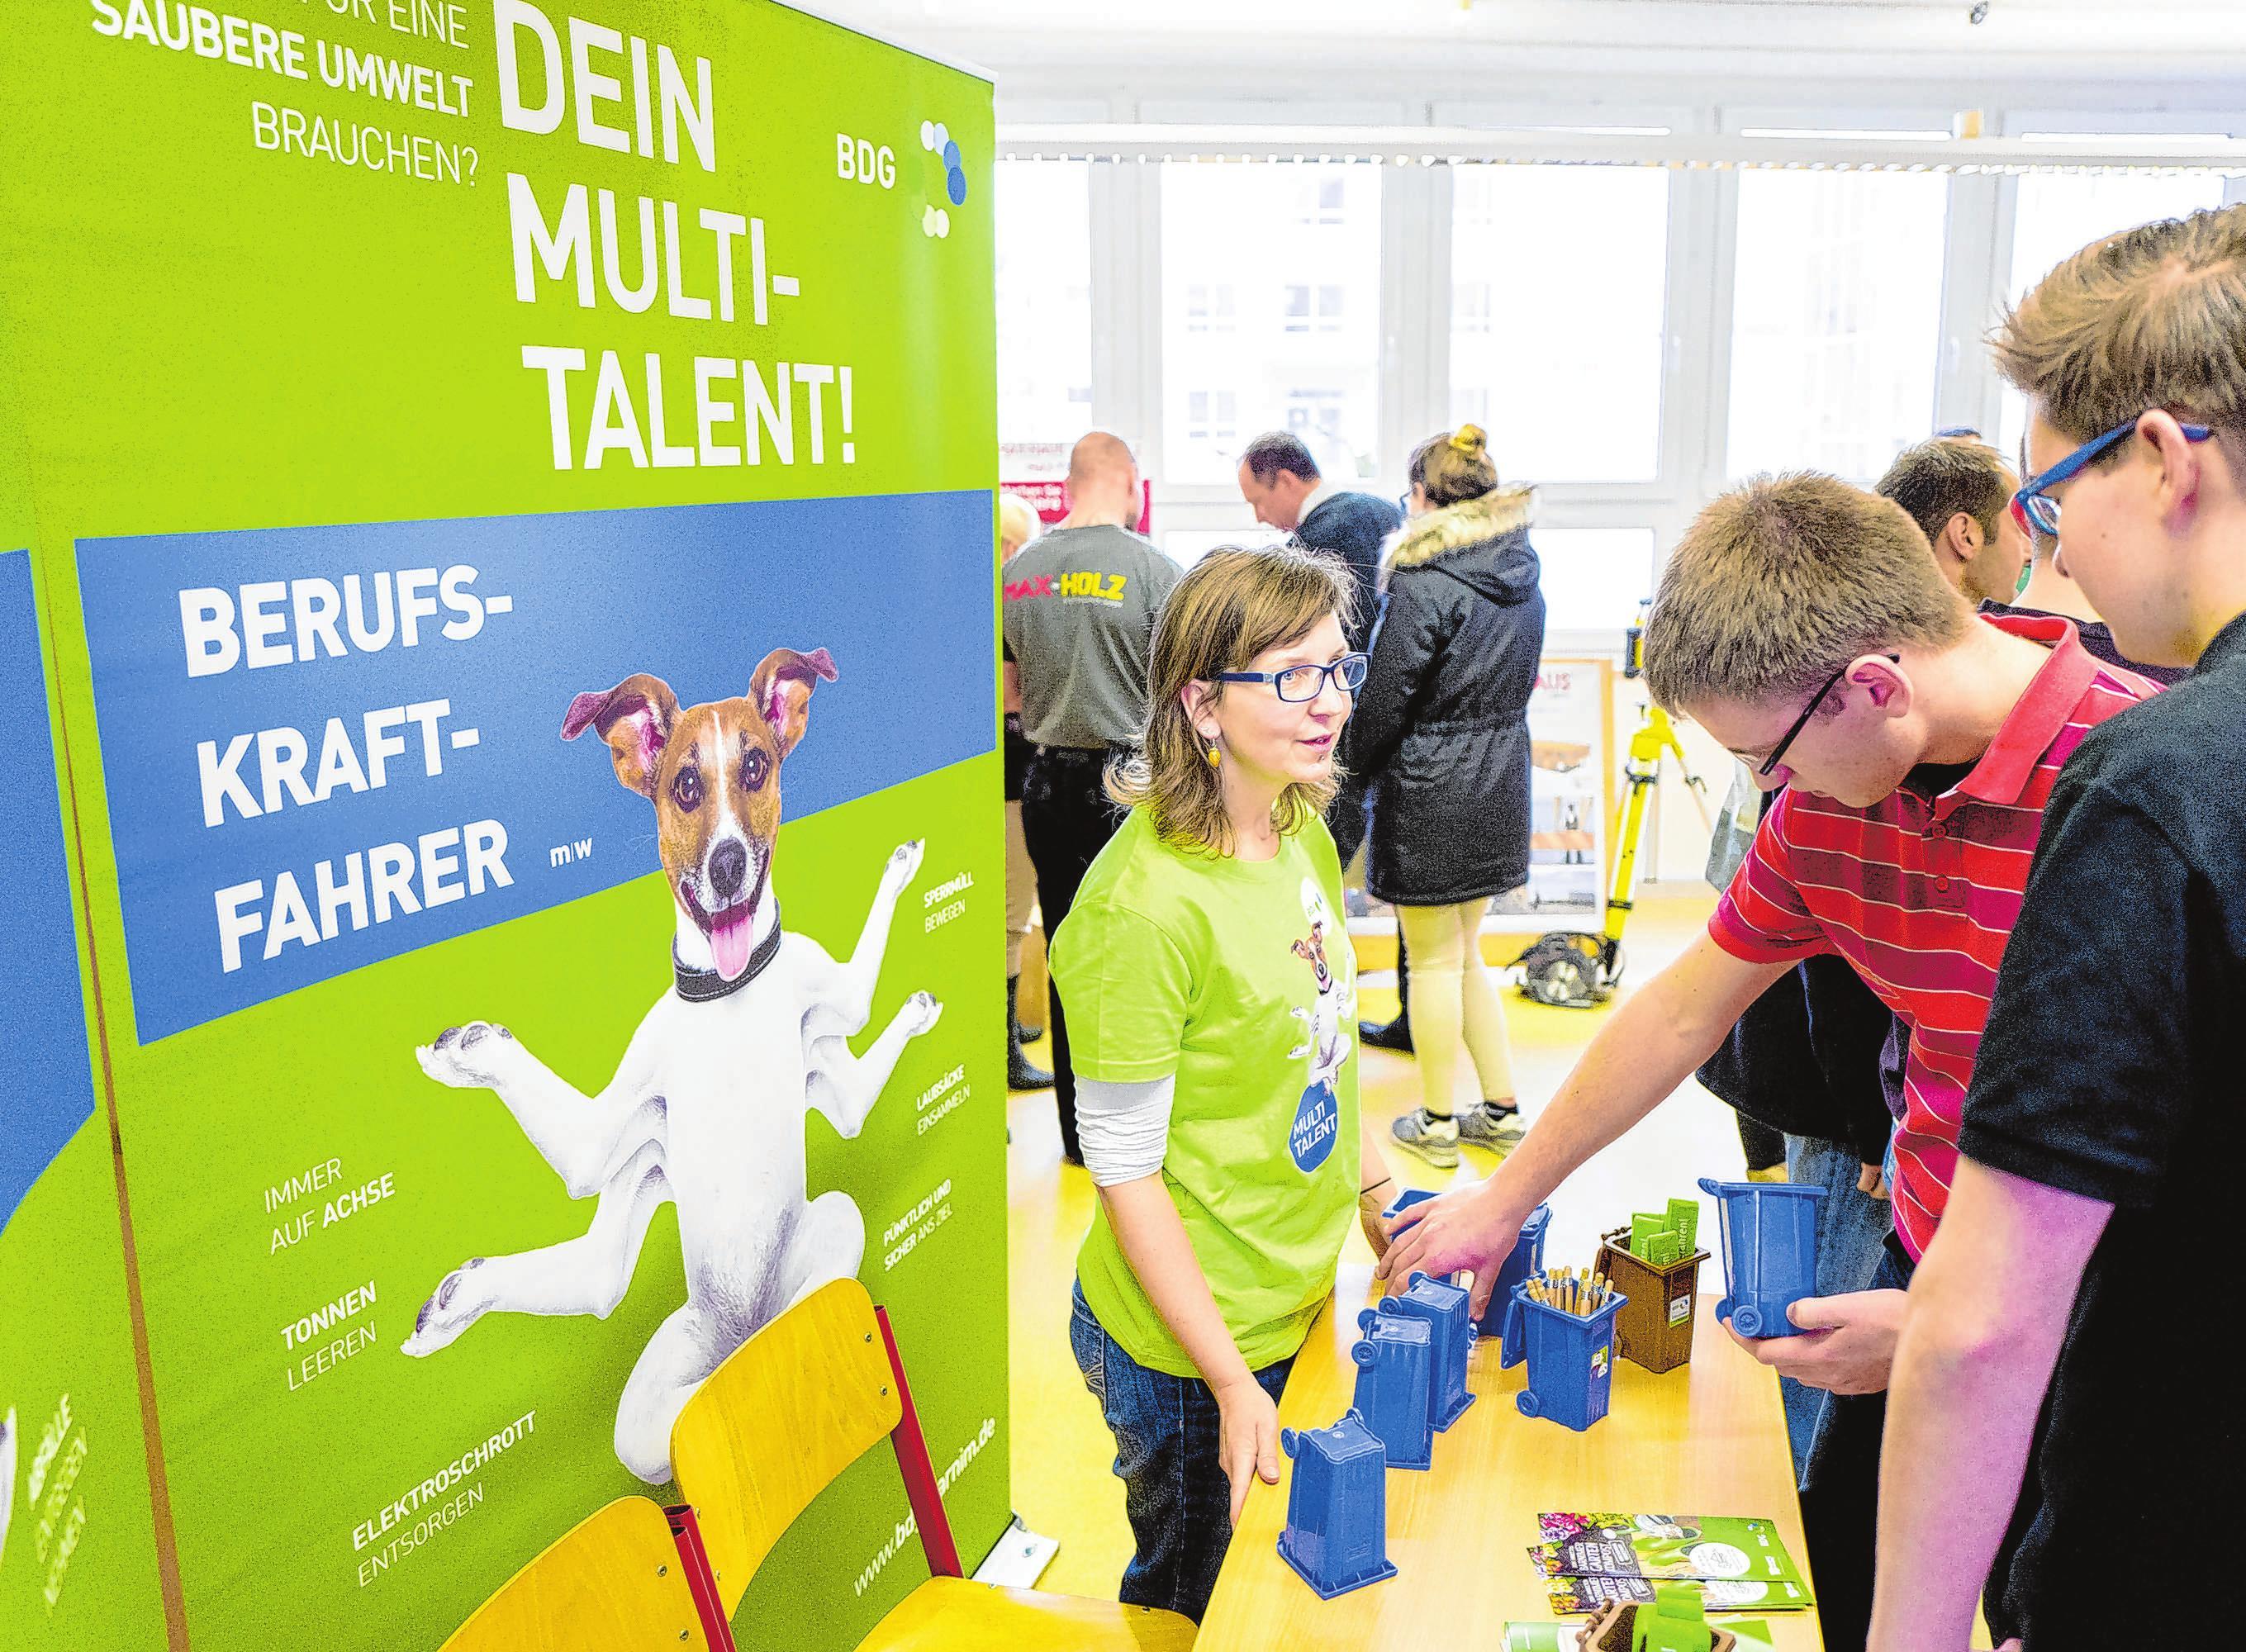 Die Barnimer Dienstleistungsgesellschaft (BDG) sucht laut Plakat nach Multitalenten. Foto: Archiv/Torsten Stapel